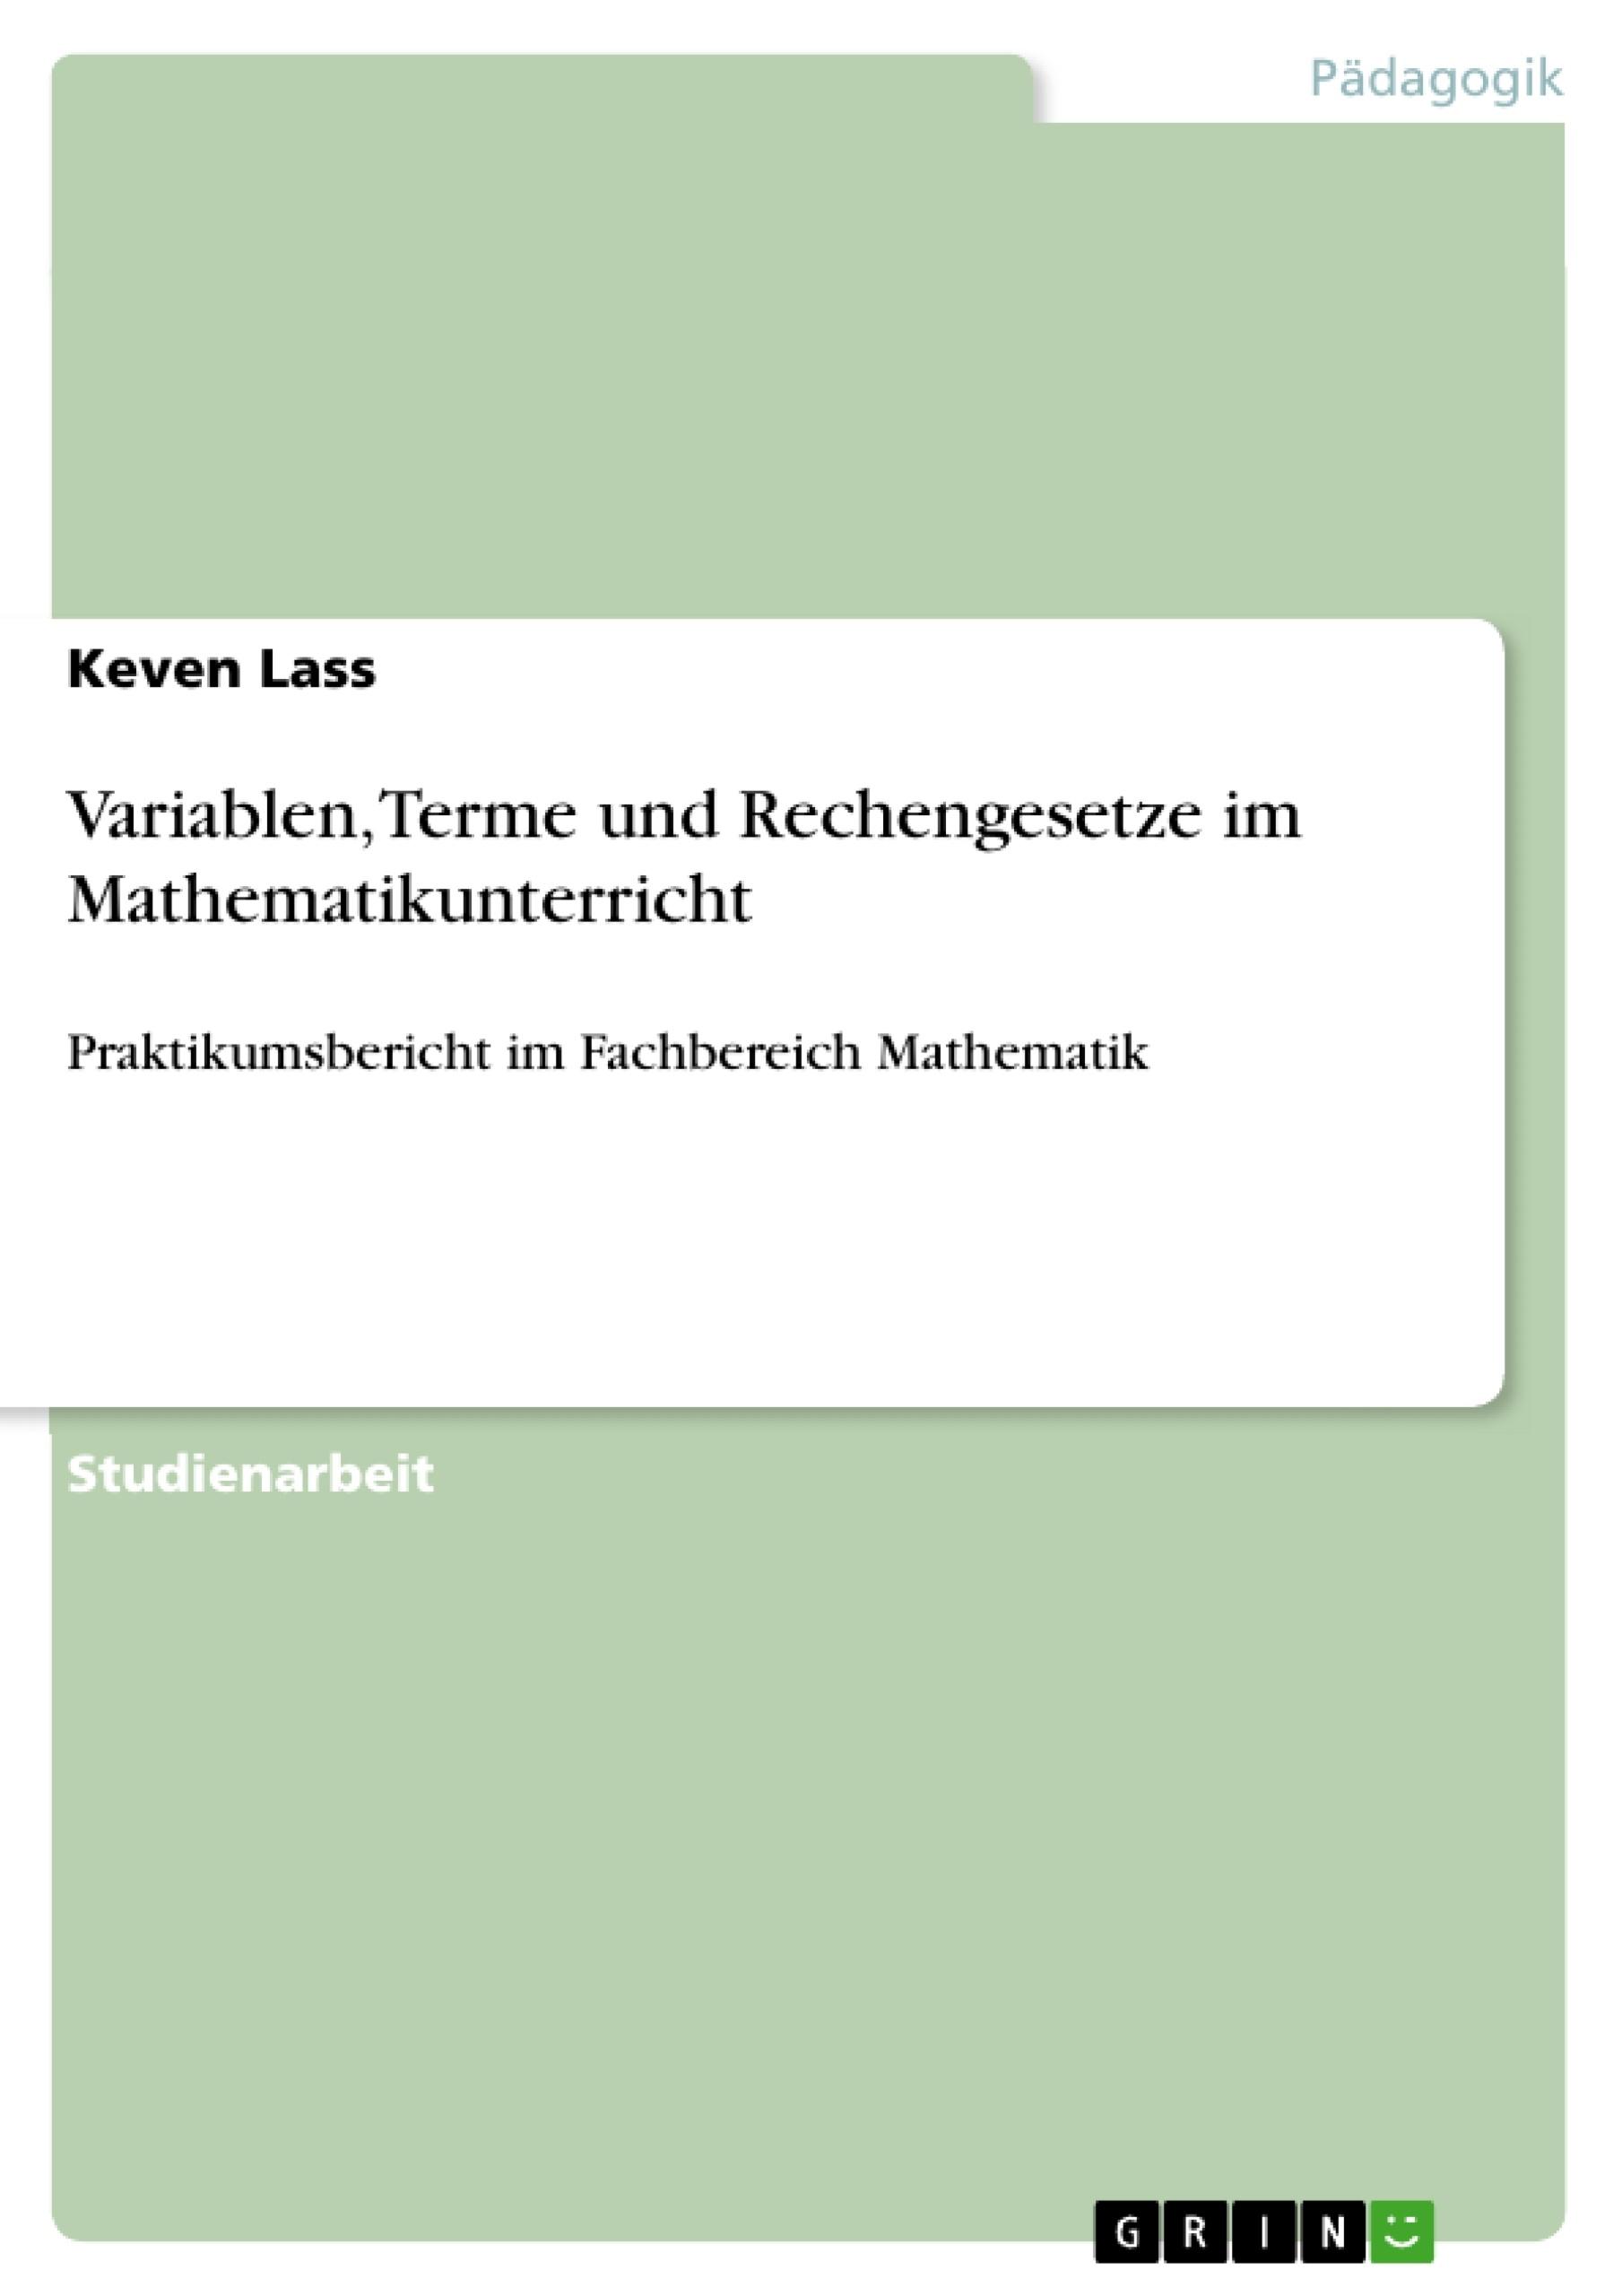 Titel: Variablen, Terme und Rechengesetze im Mathematikunterricht